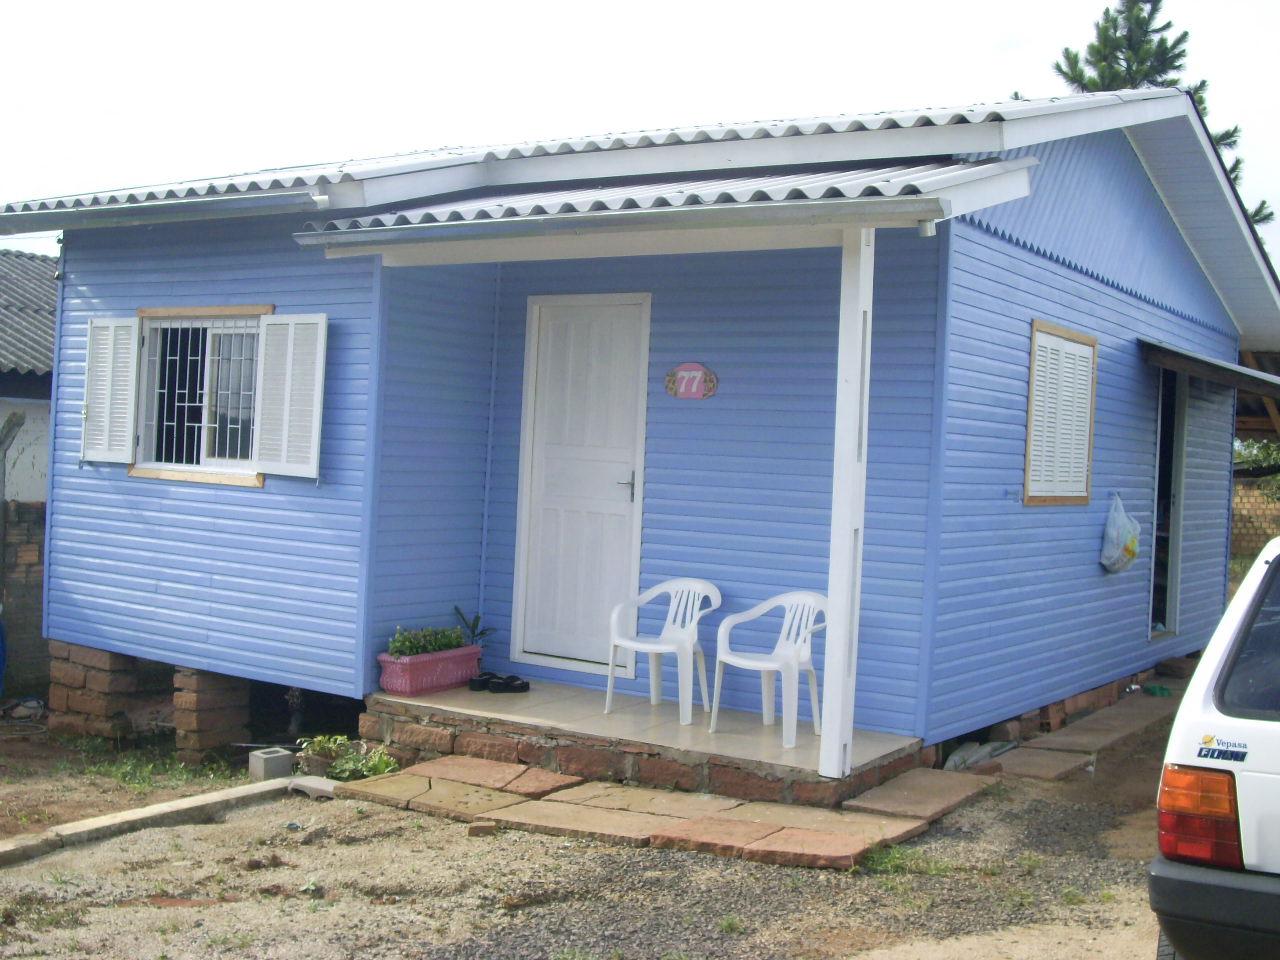 Dicas de pinturas de casas de madeira decorando casas - Pinturas modernas para casas ...